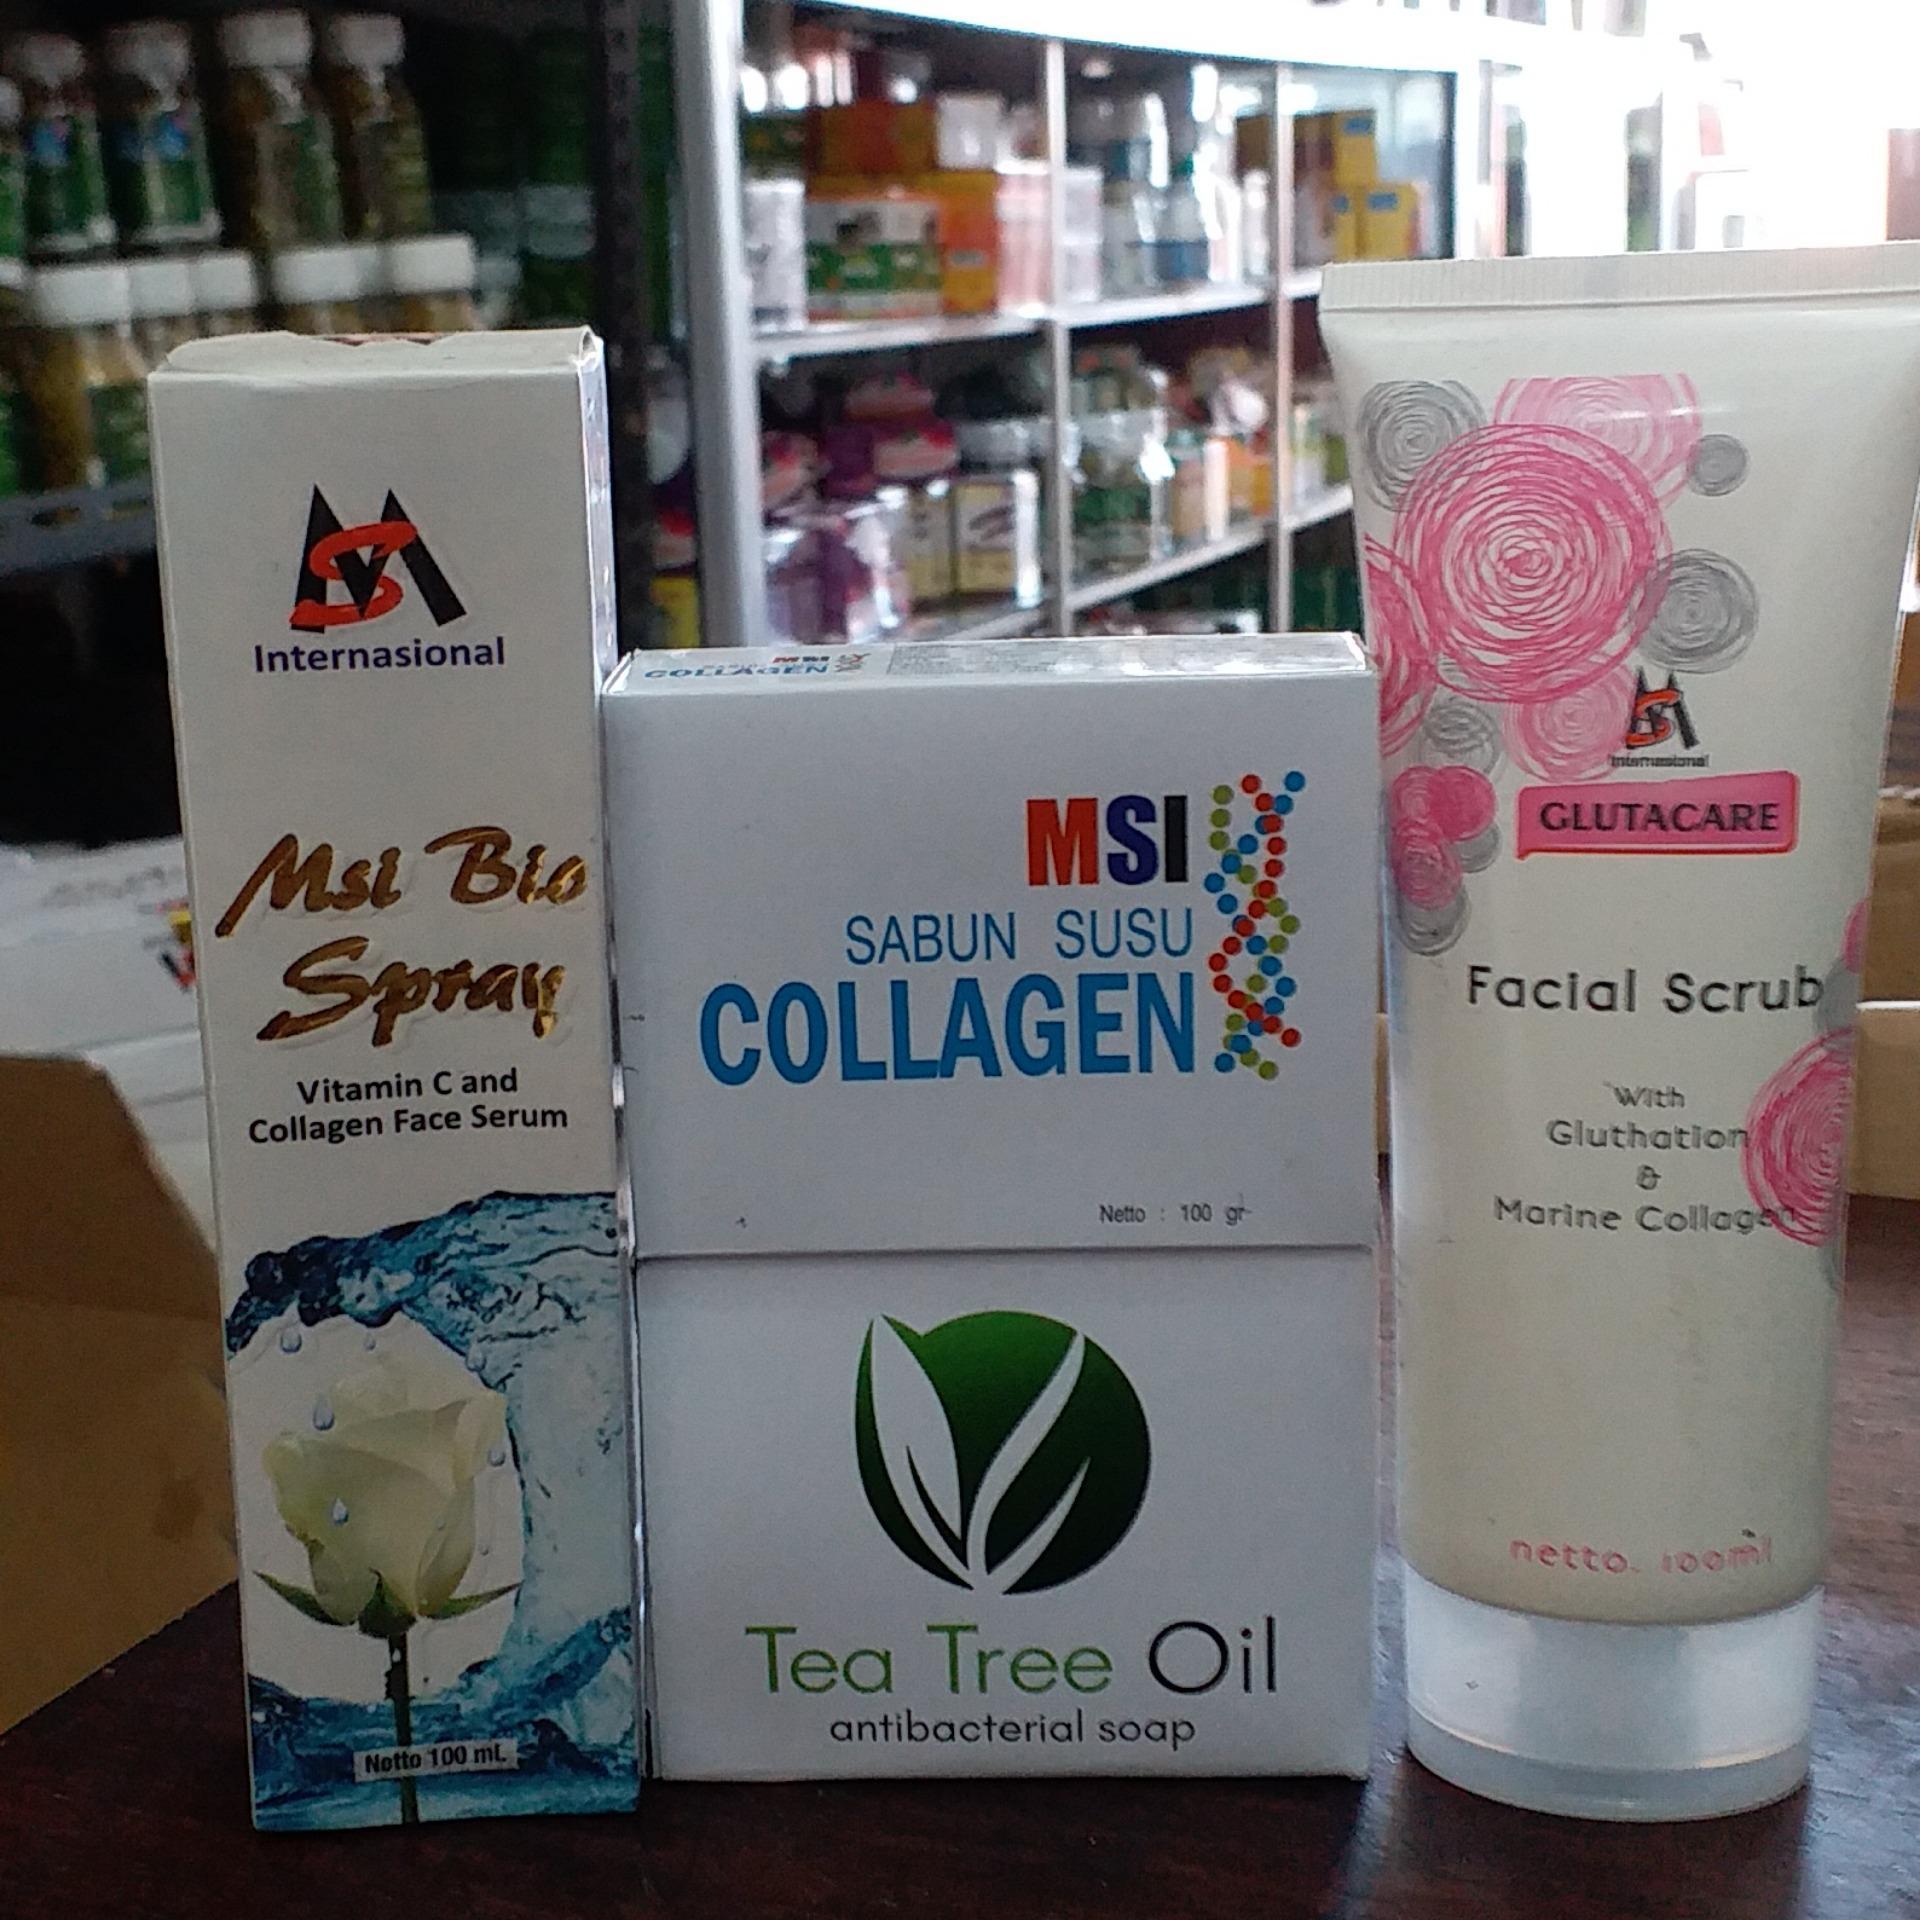 Msi Sabun Tea Tree Oil Tto Original Daftar Harga Terbaru Dan Essential Minyak Sari Reo 08 Paket Facial Scrub Biospray Collagen